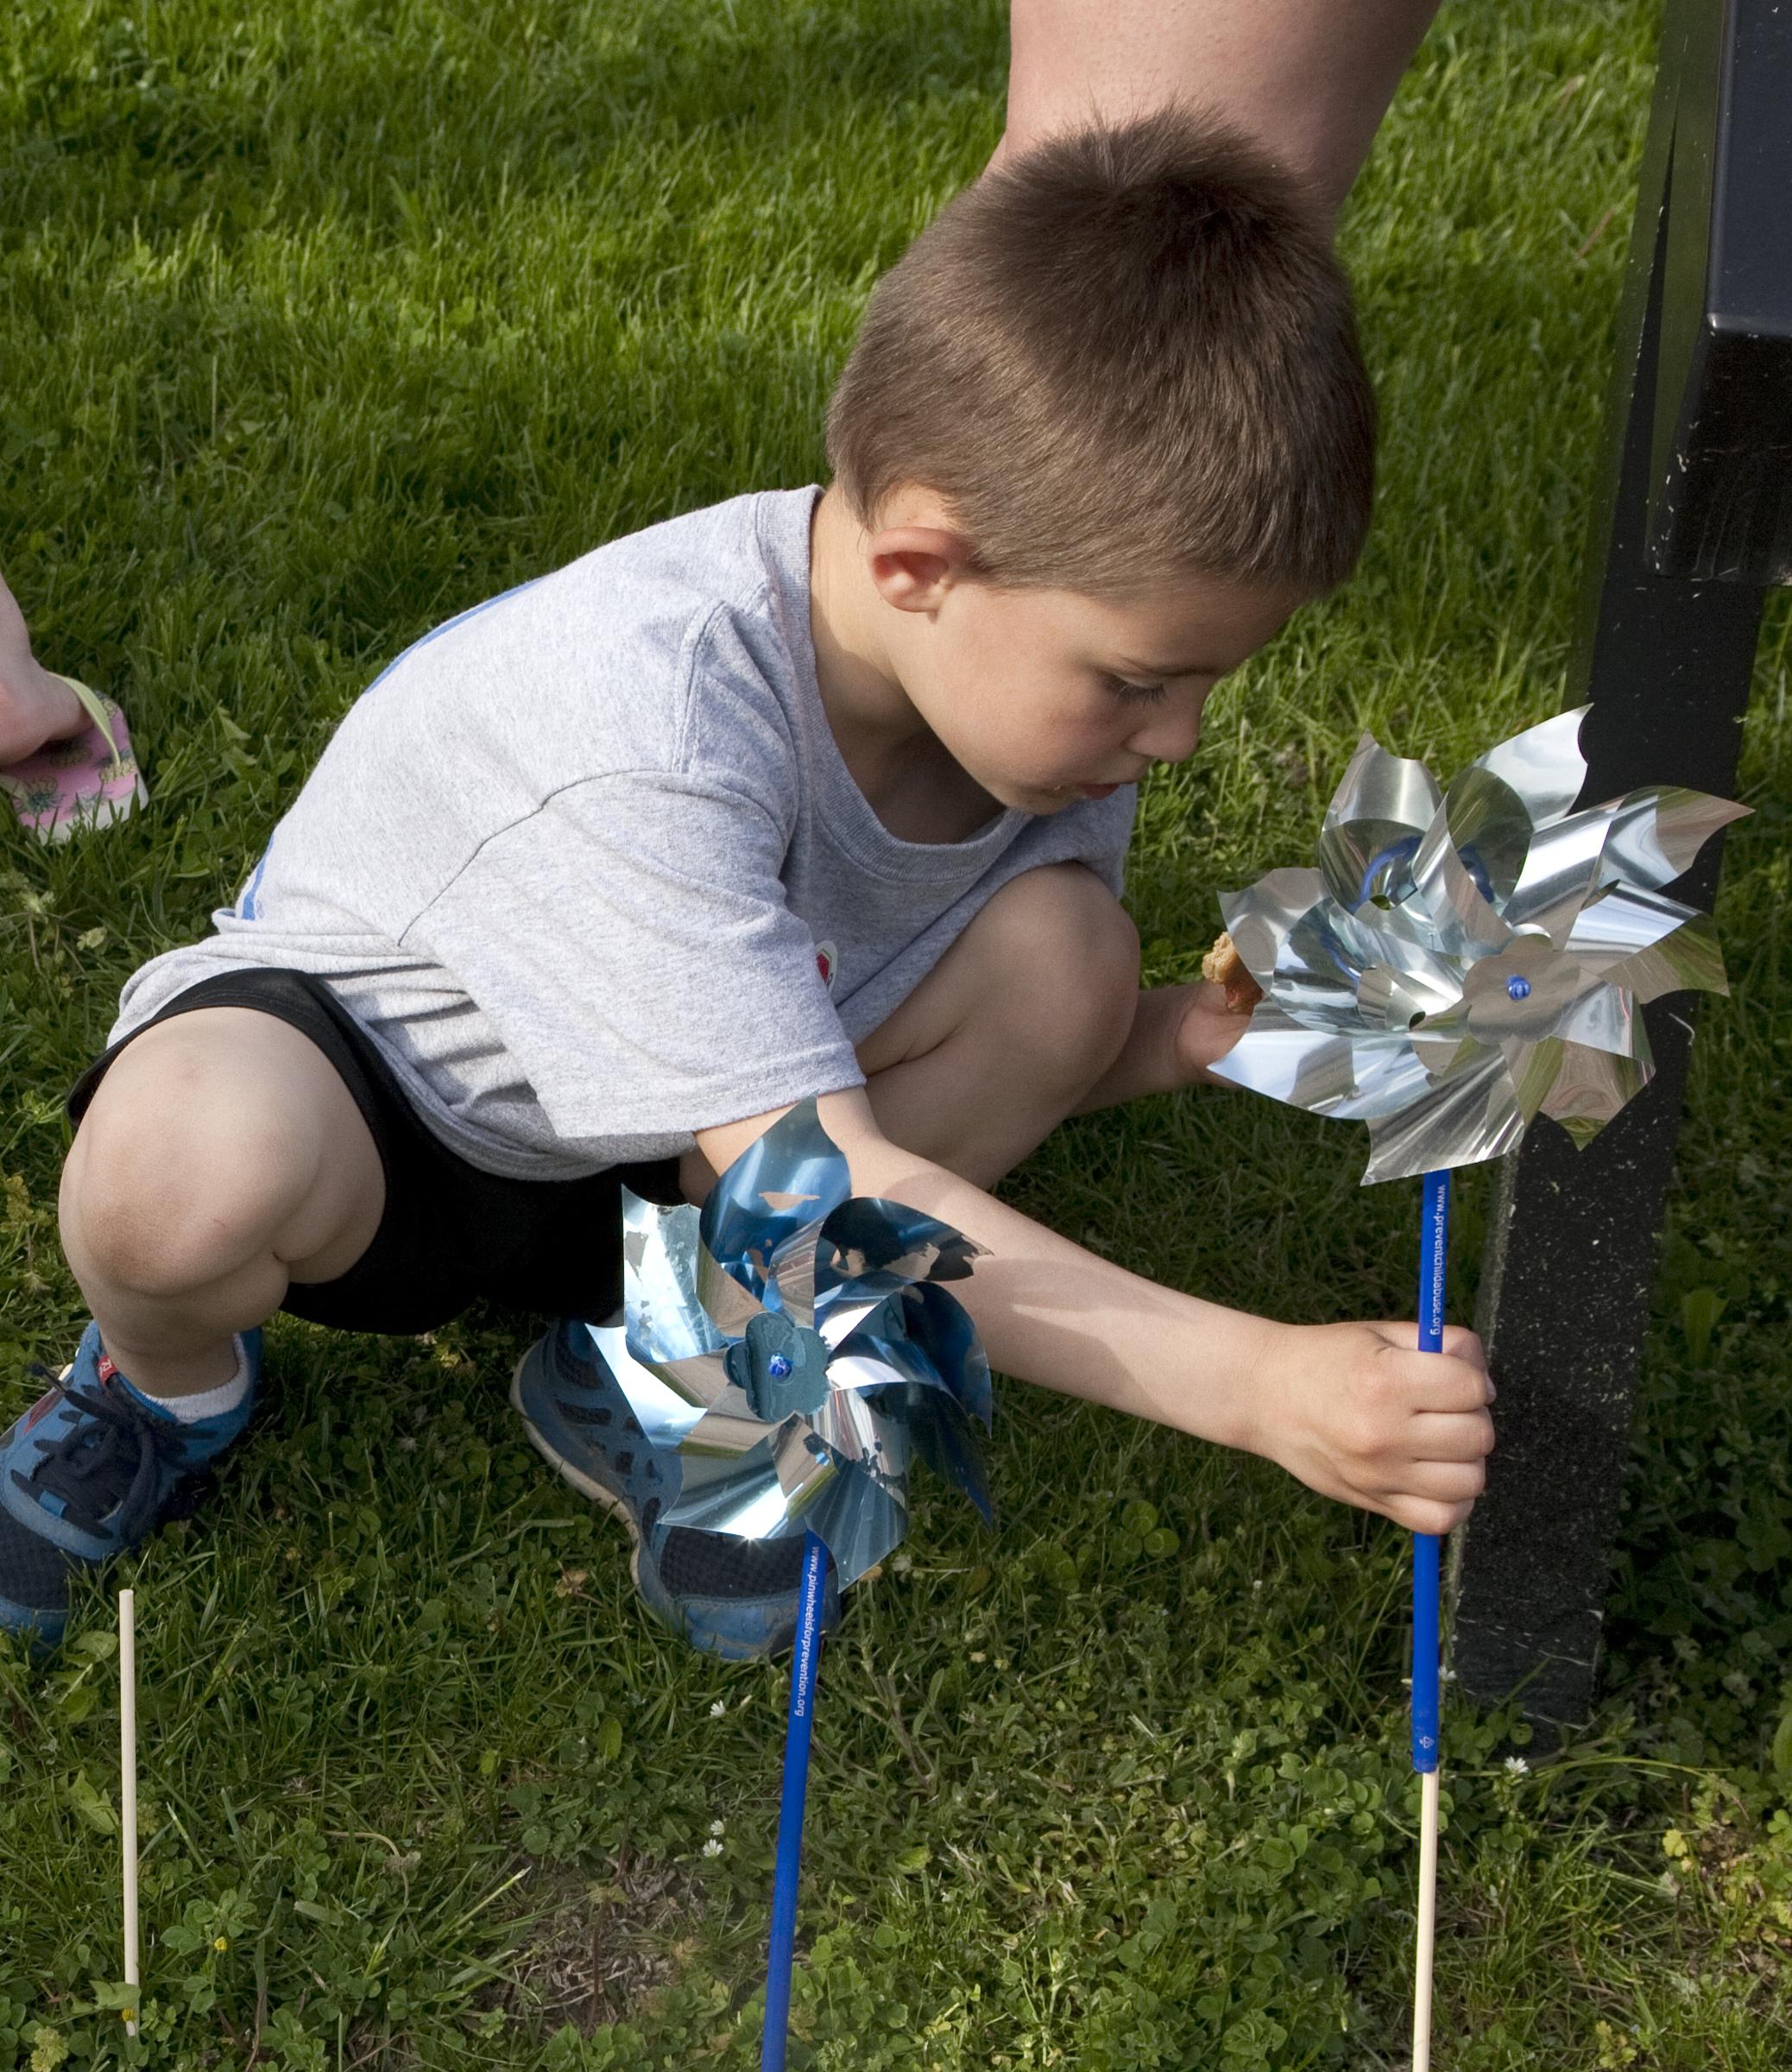 Annual Prevent Child Abuse Event